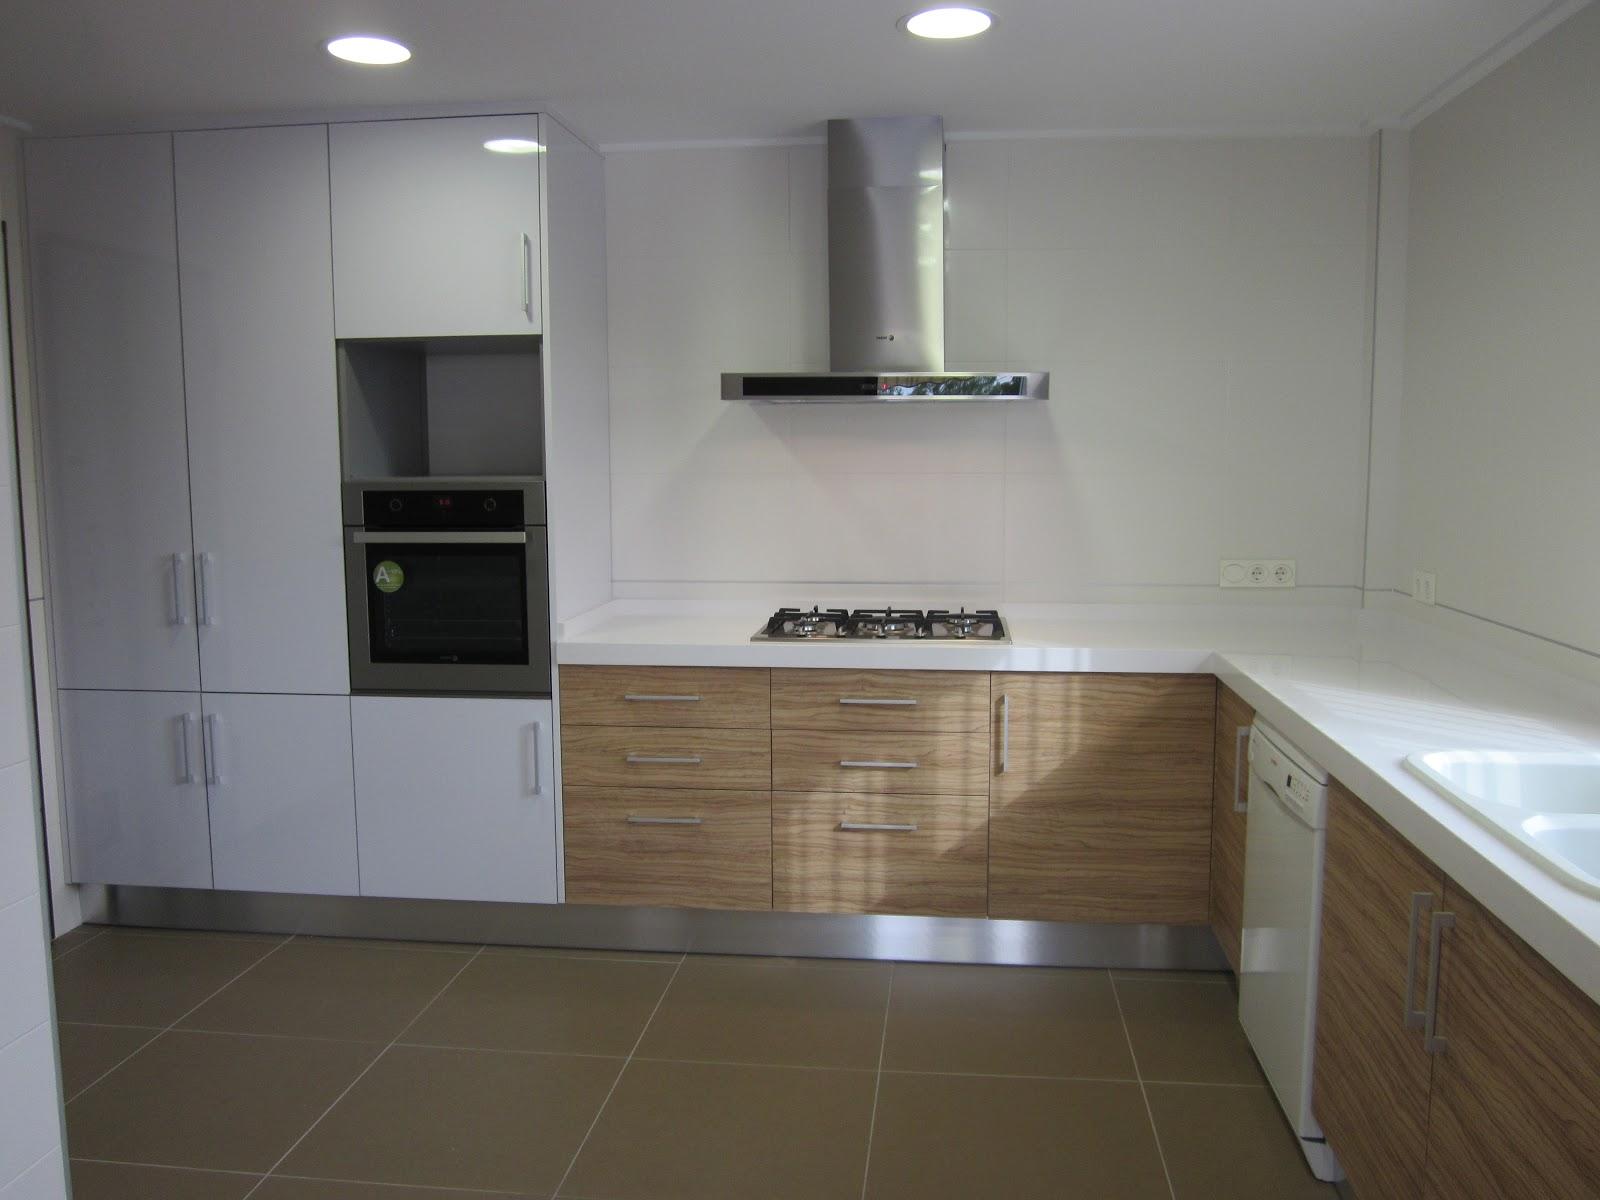 Habitania construcciones y reformas reformas cocinas - Amueblamiento de cocinas ...